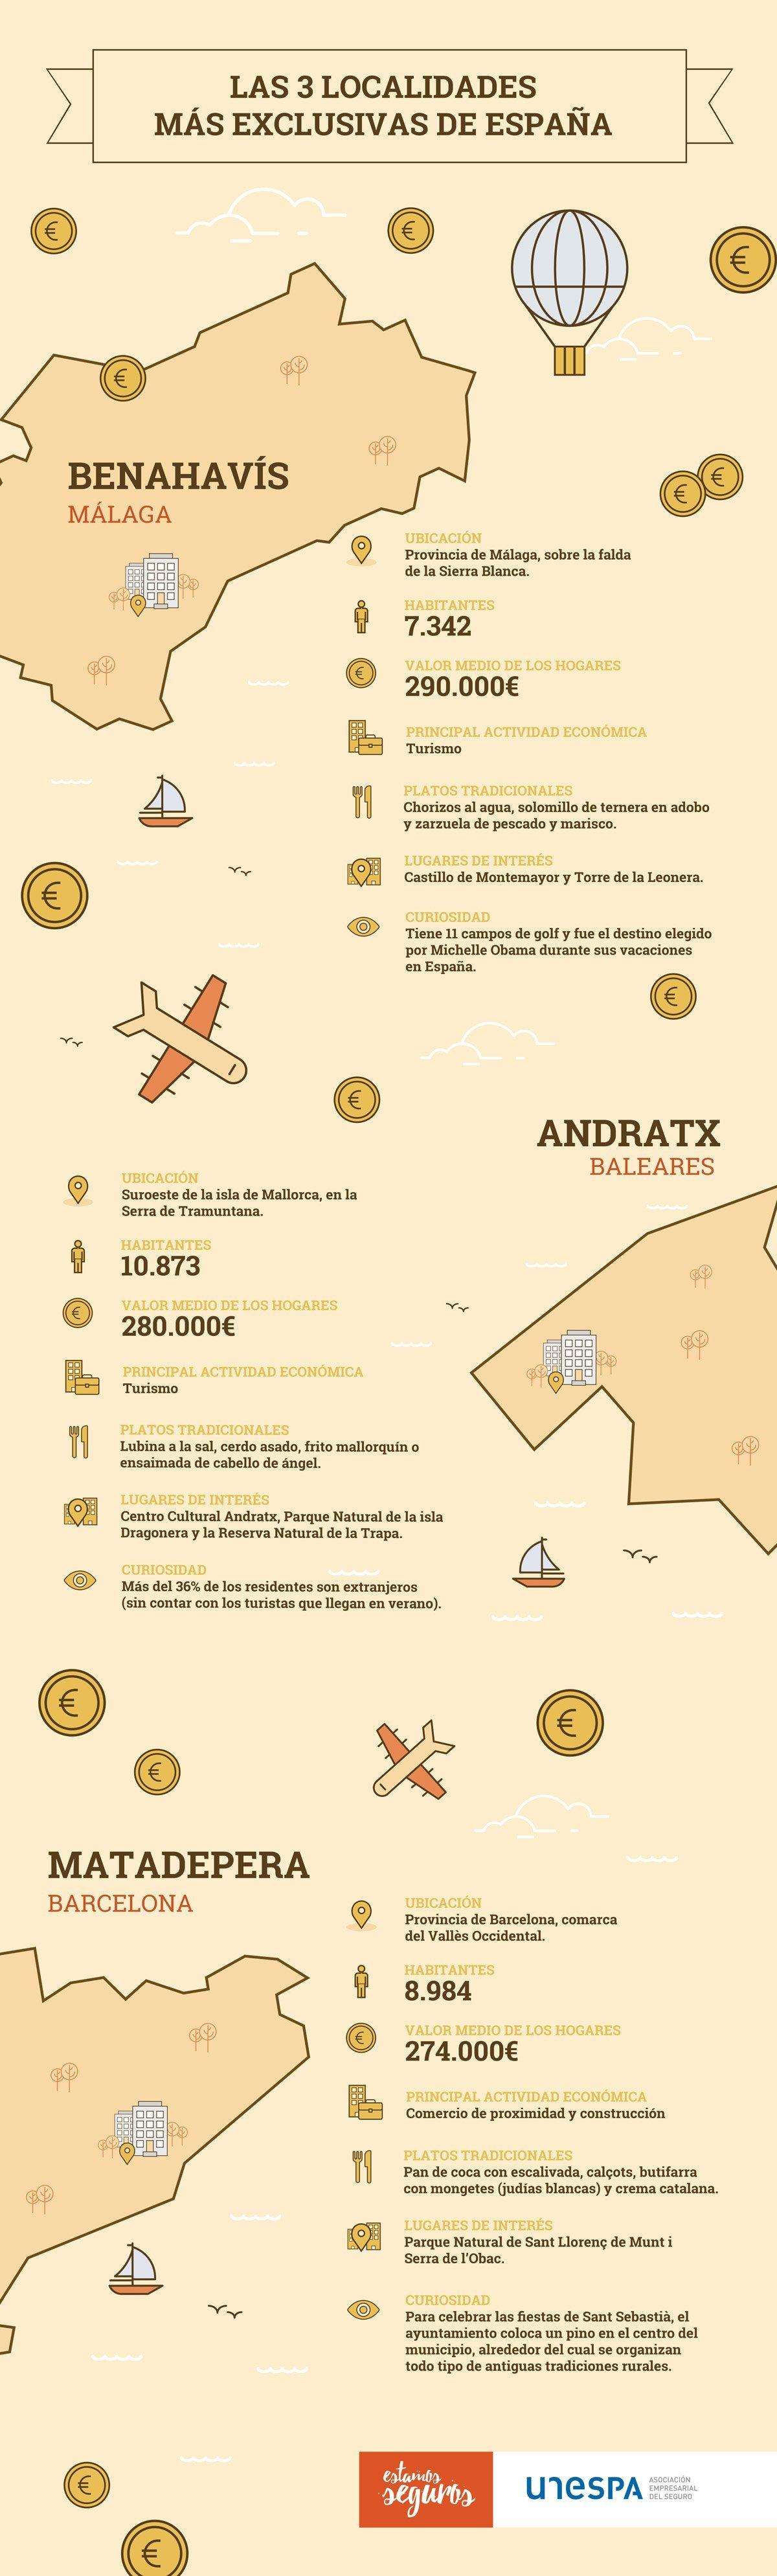 Las tres localidades más exclusivas de España